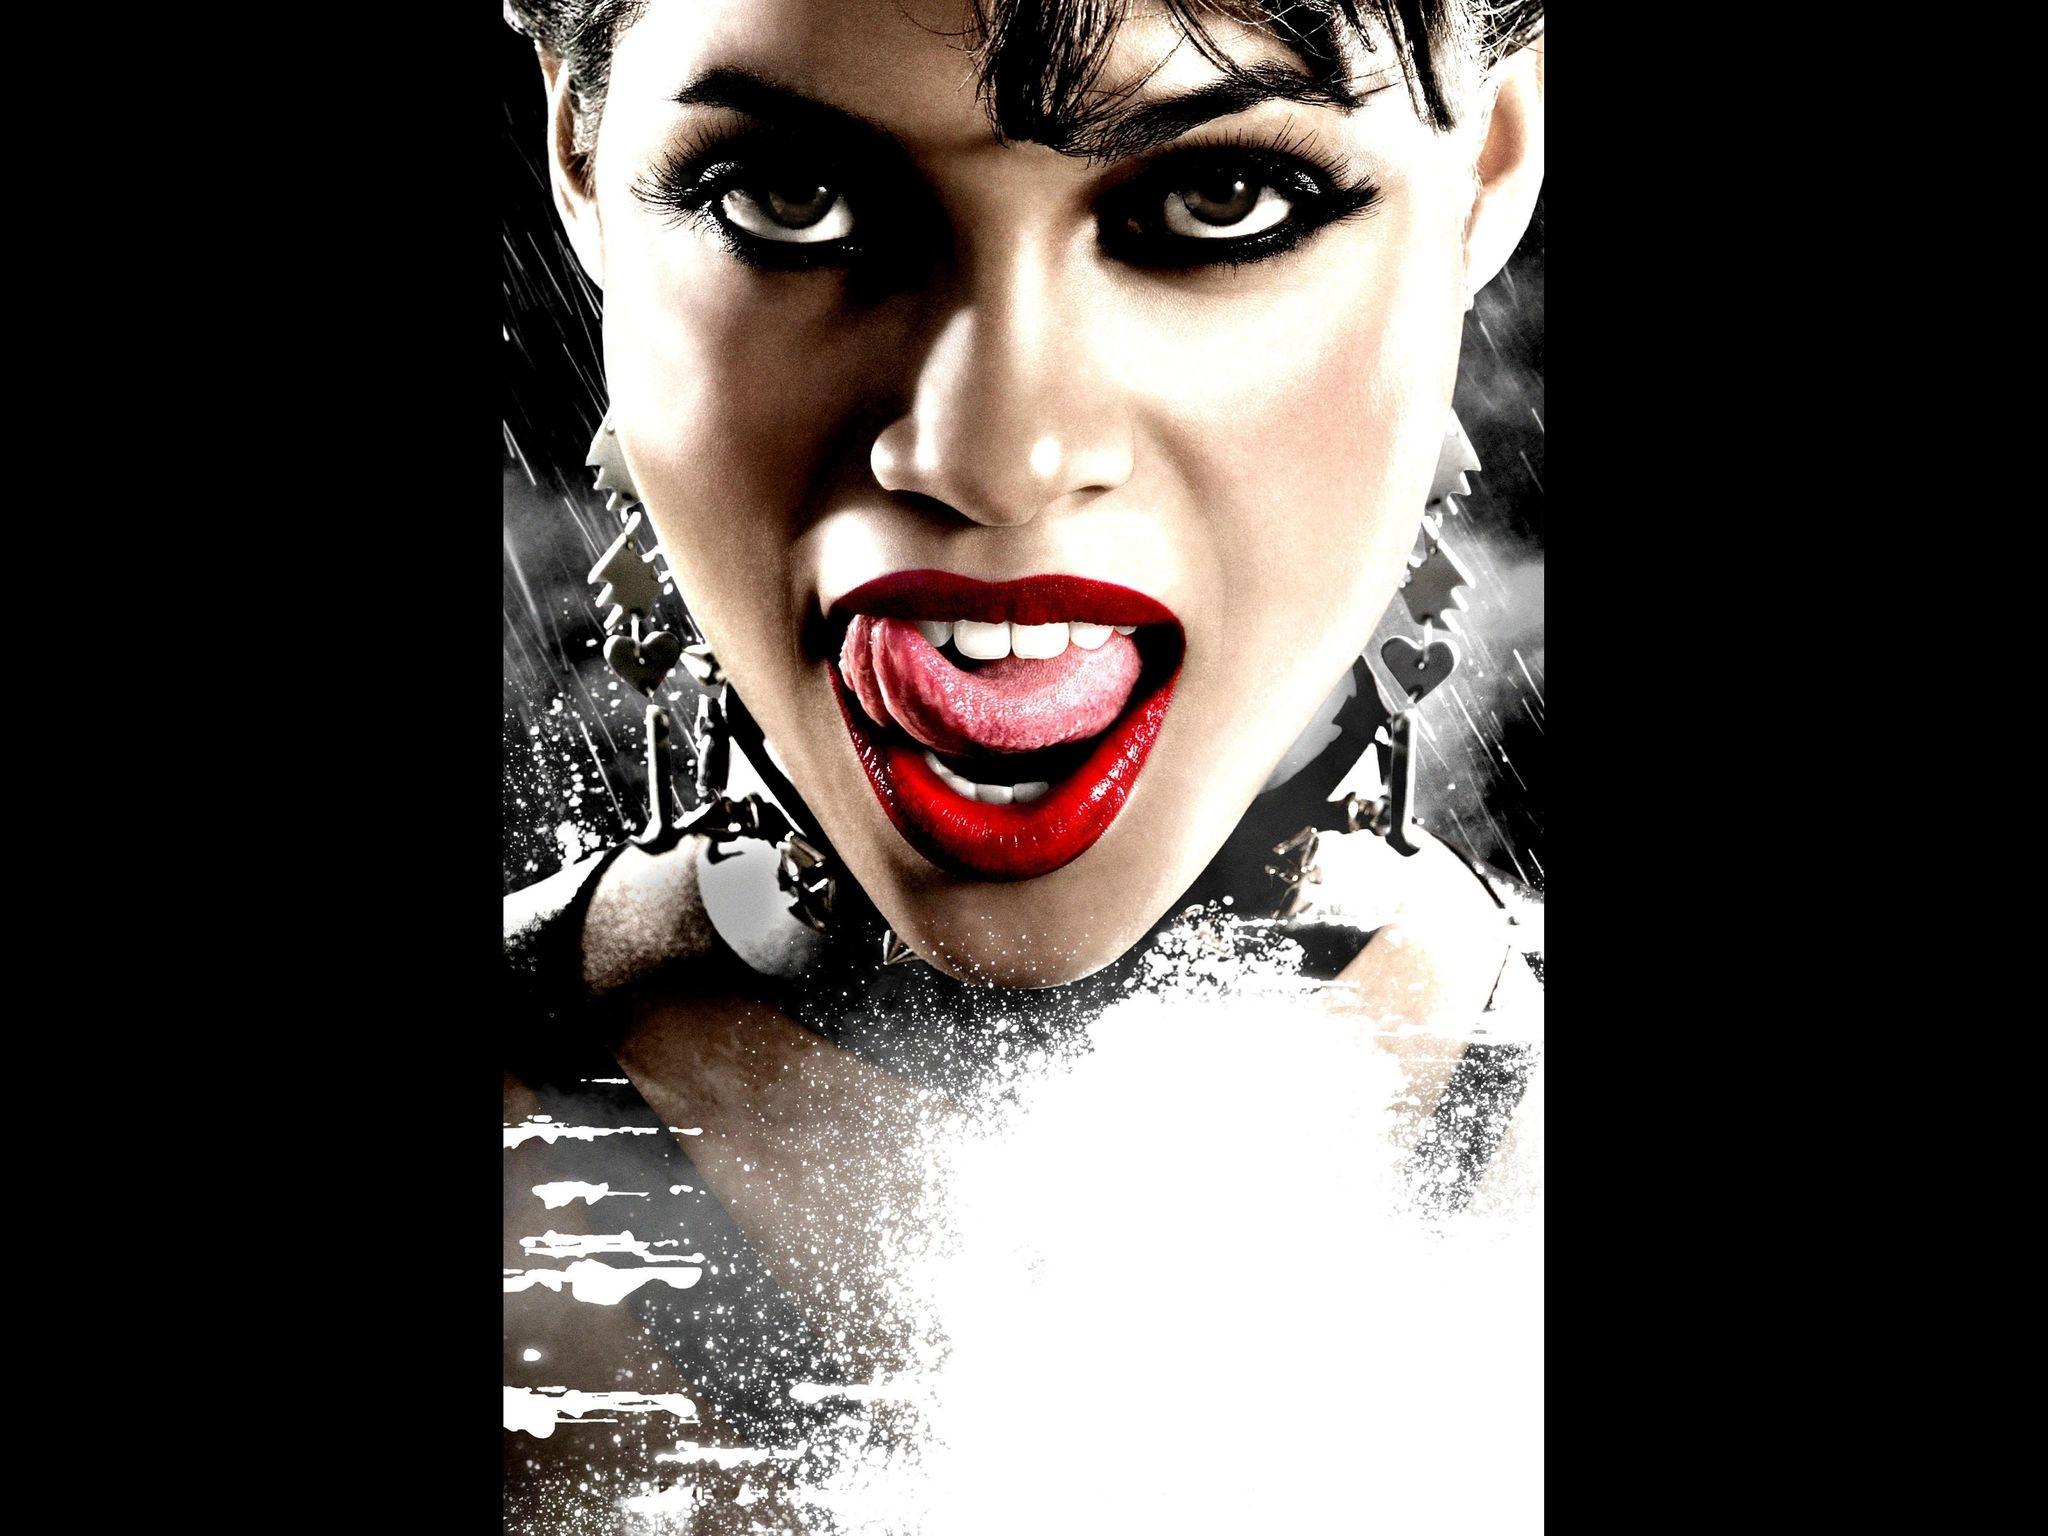 Fondos de Pantalla 2048x1536 Sin City Lengua (anatomía) Película ...